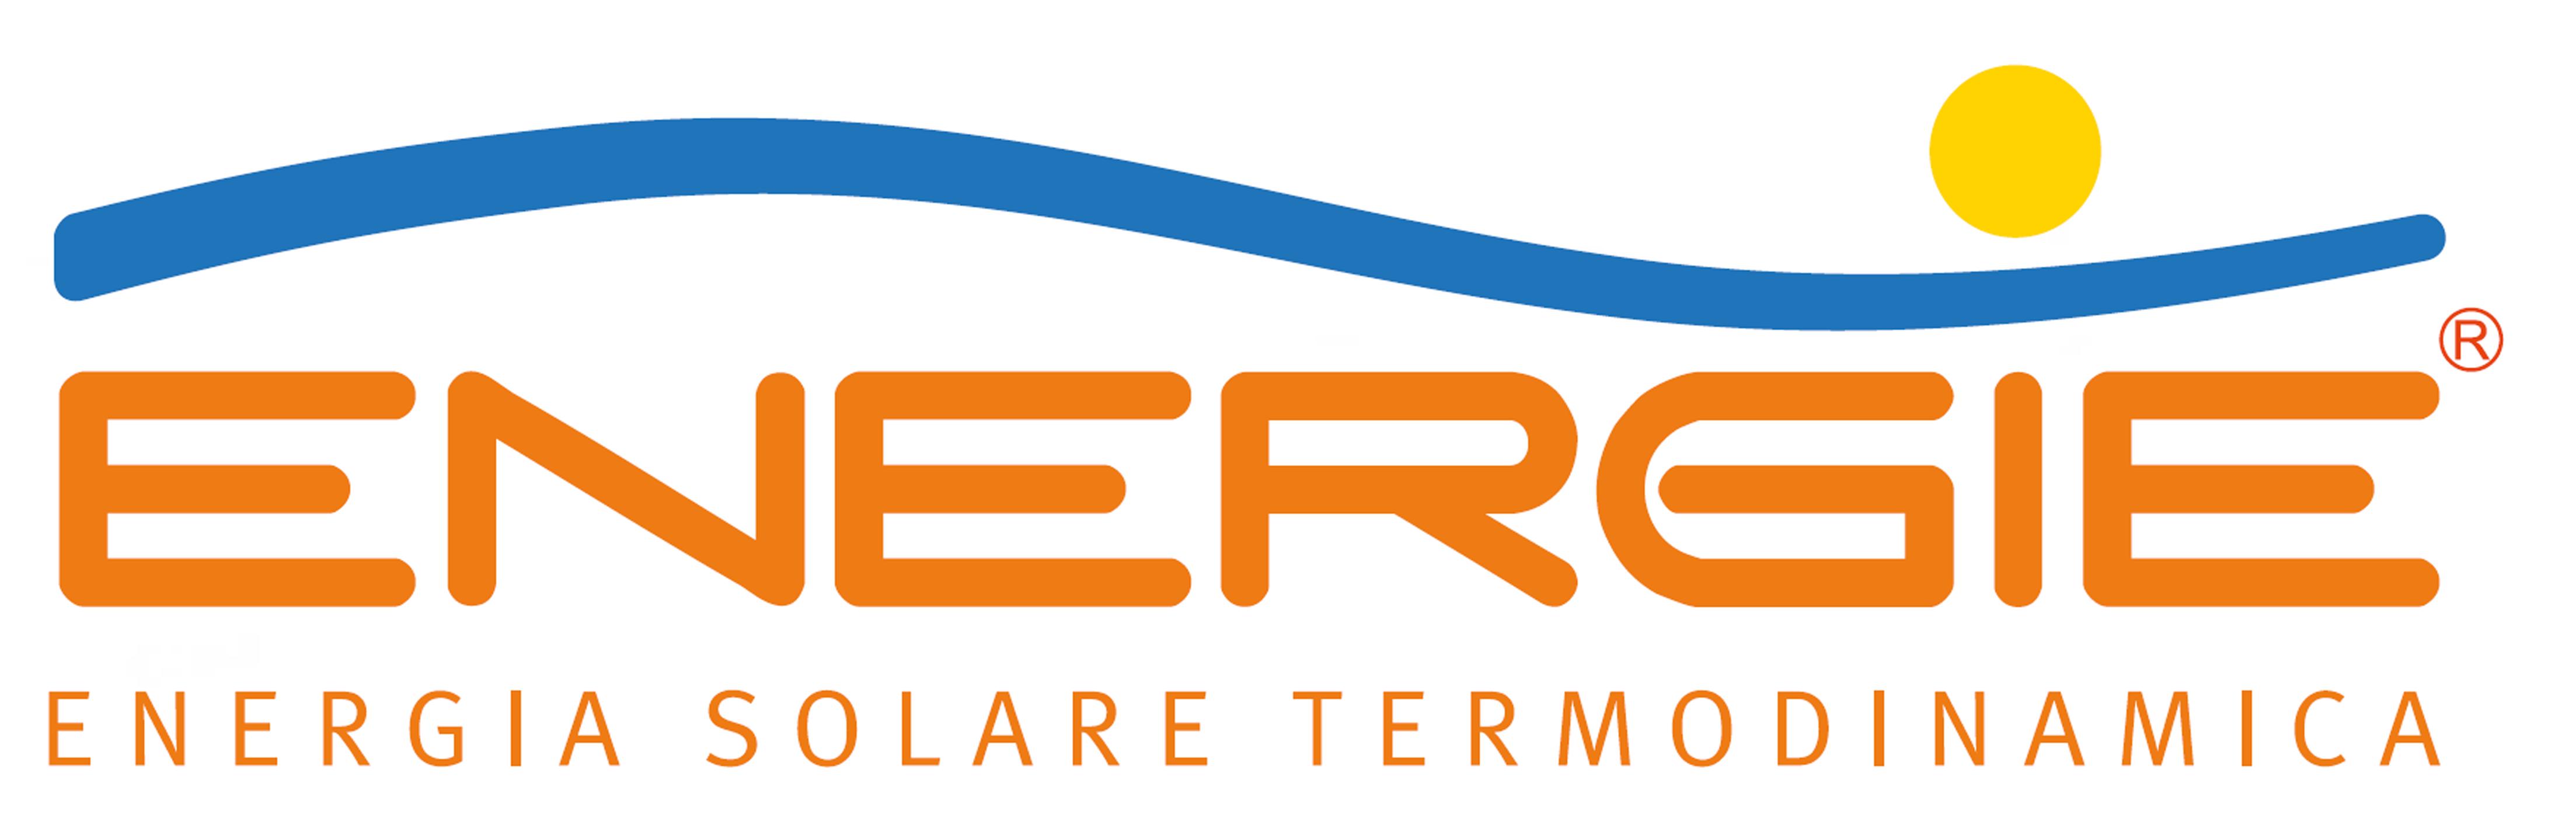 Energie solare termodinamico domestico